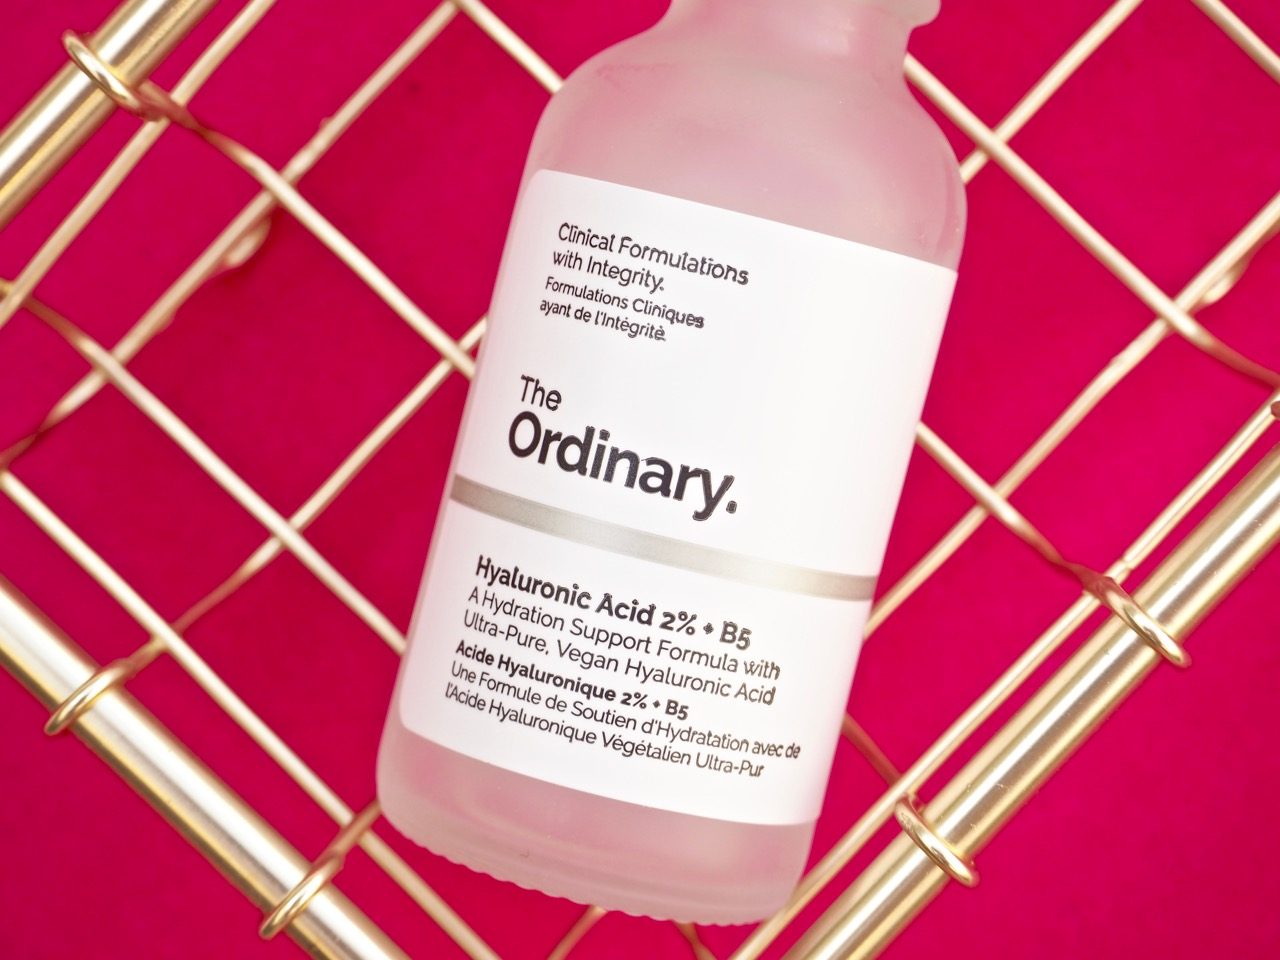 The Ordinary Hyaluronic Acid 2% + B5 kokemuksia Ostolakossa Virve Vee